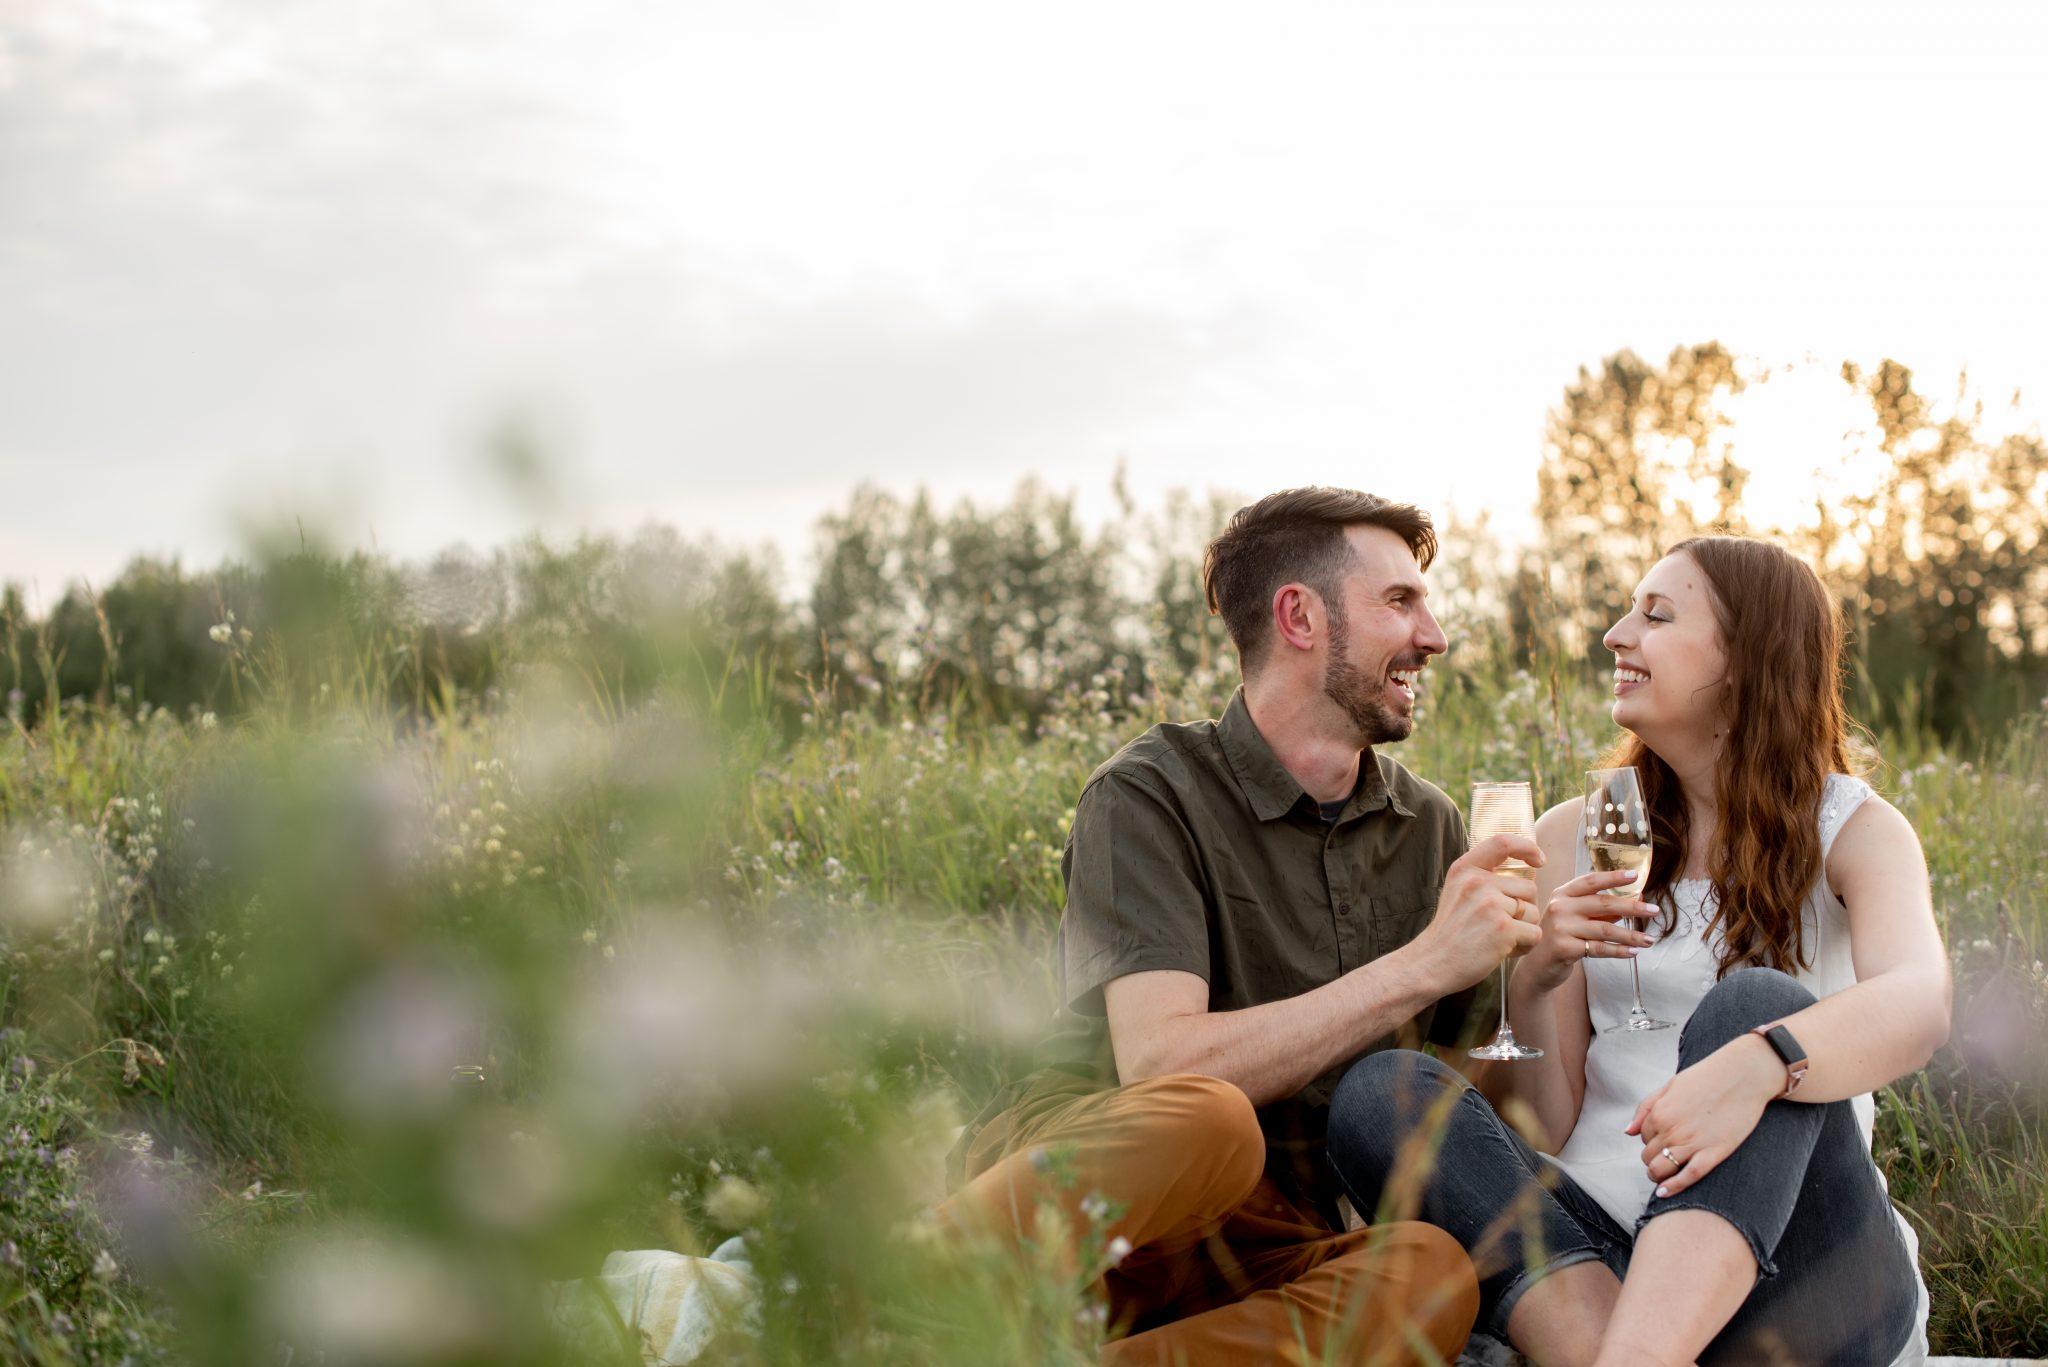 Romantic picnic session engagement photos